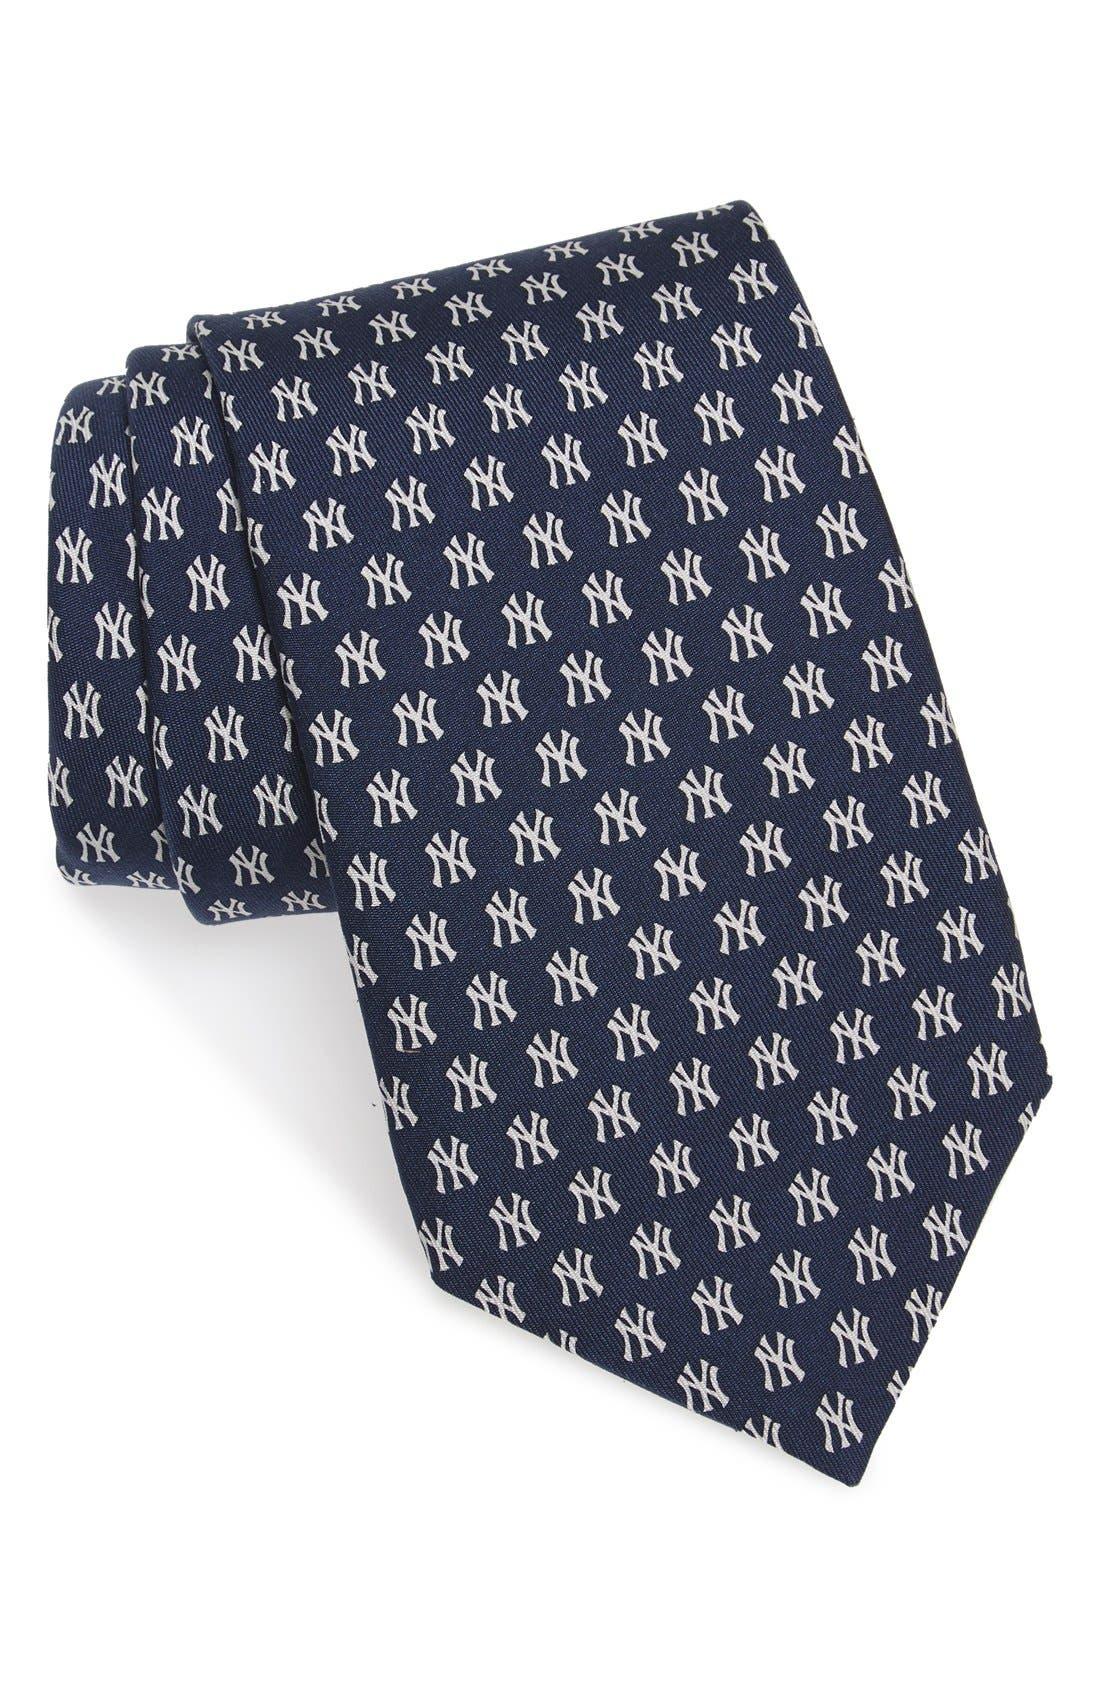 Vineyard Vines 'New York Yankees' Silk Tie